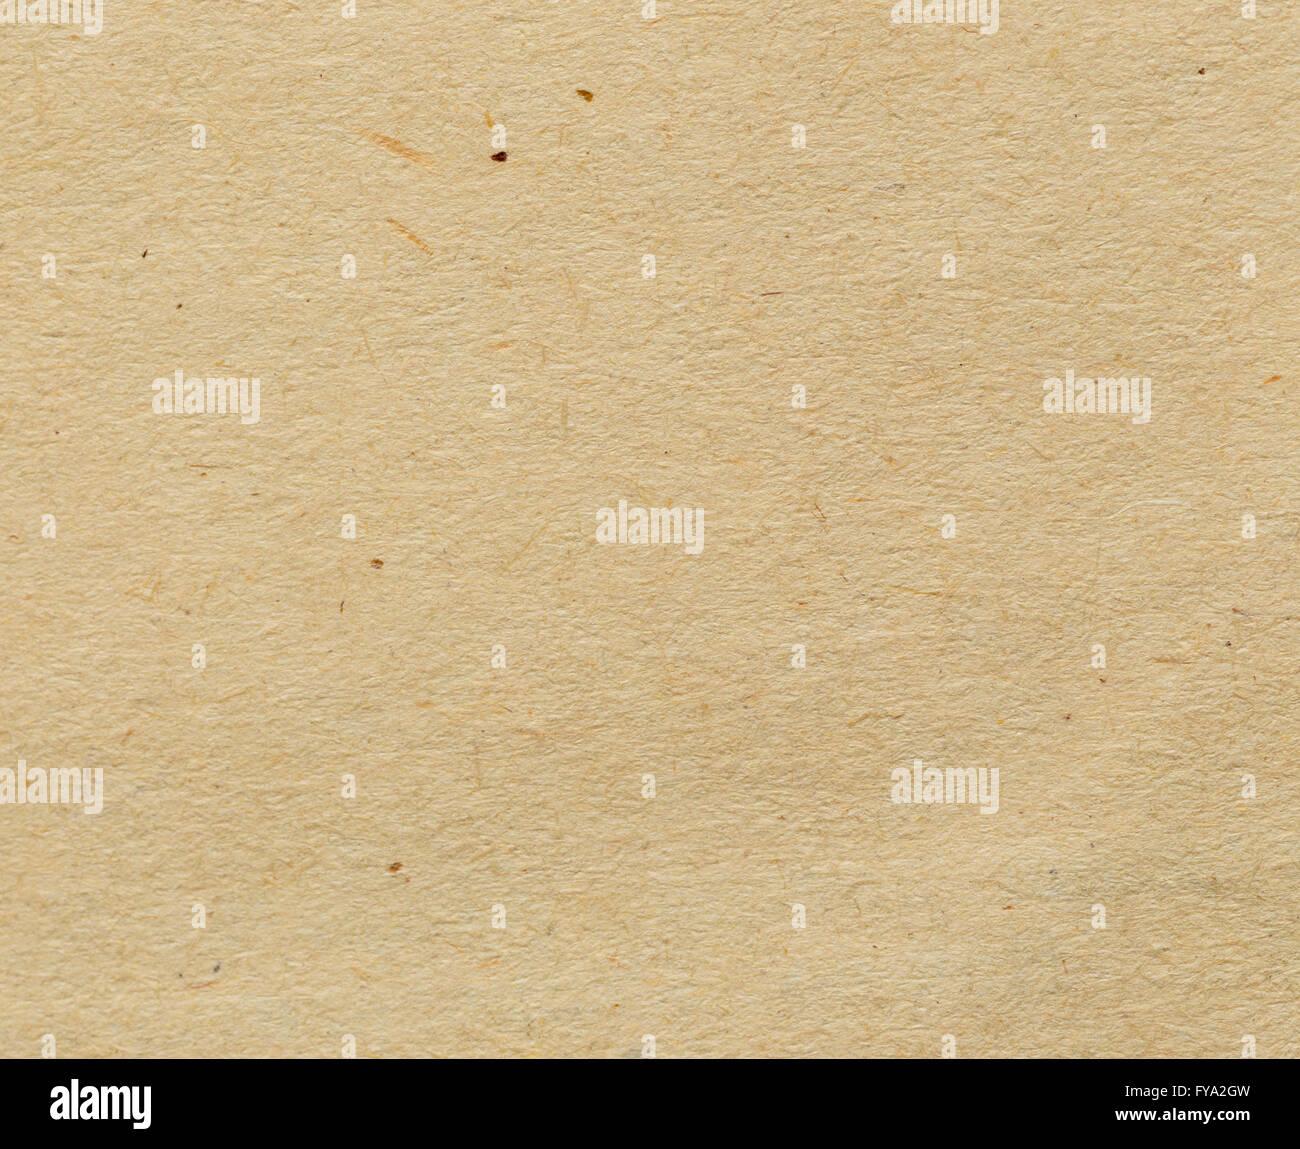 Papier naturel texture background avec des particules pour l'utilisation de conception Photo Stock